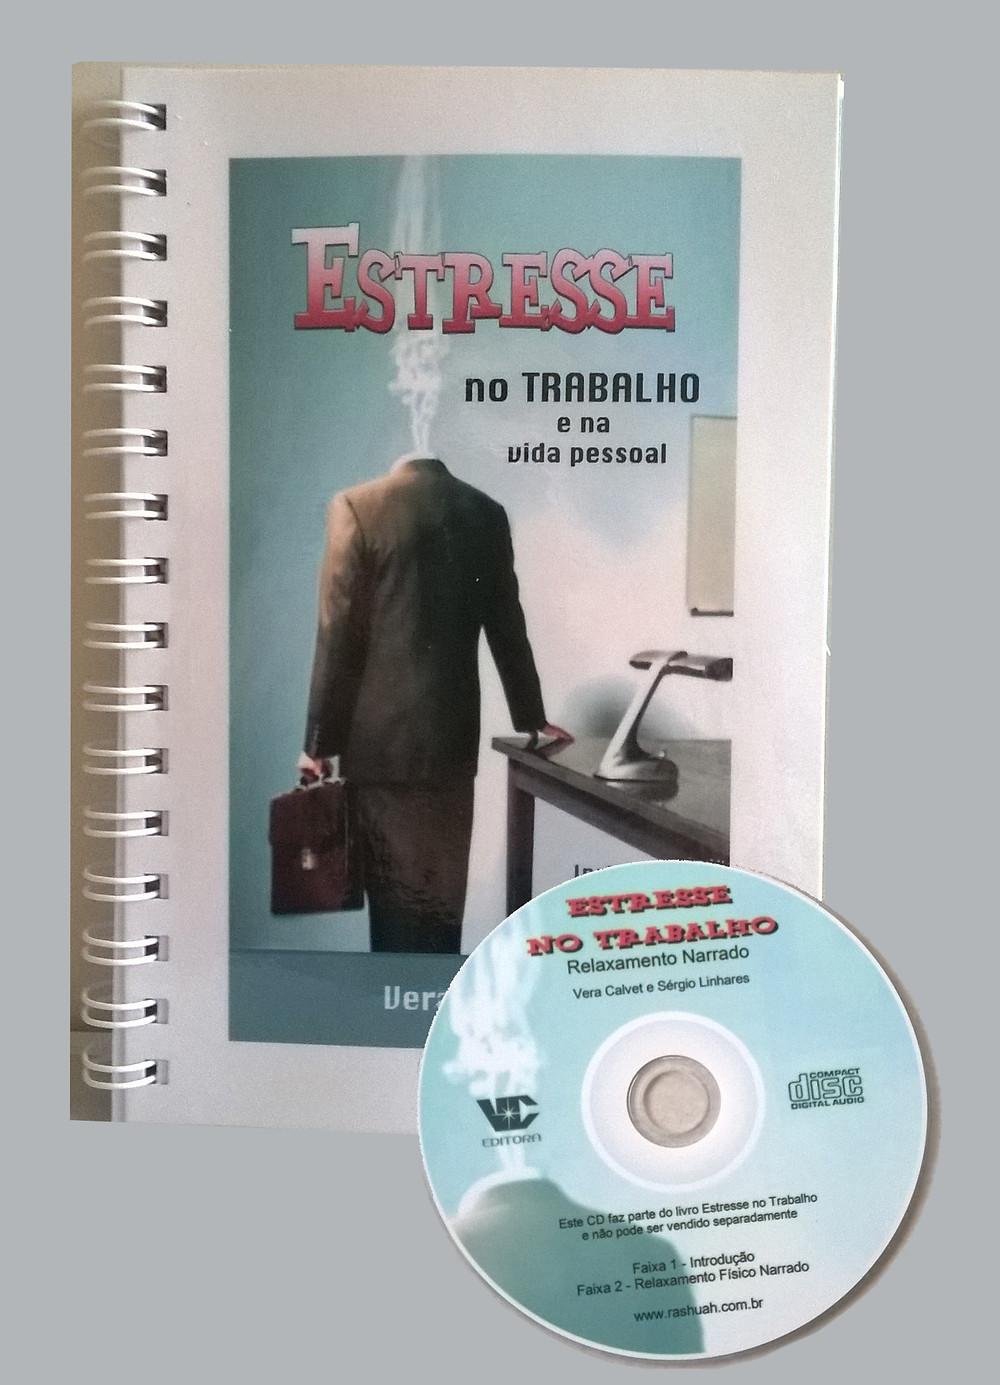 livro Estresse no Trabalho + CD relaxamento narrado